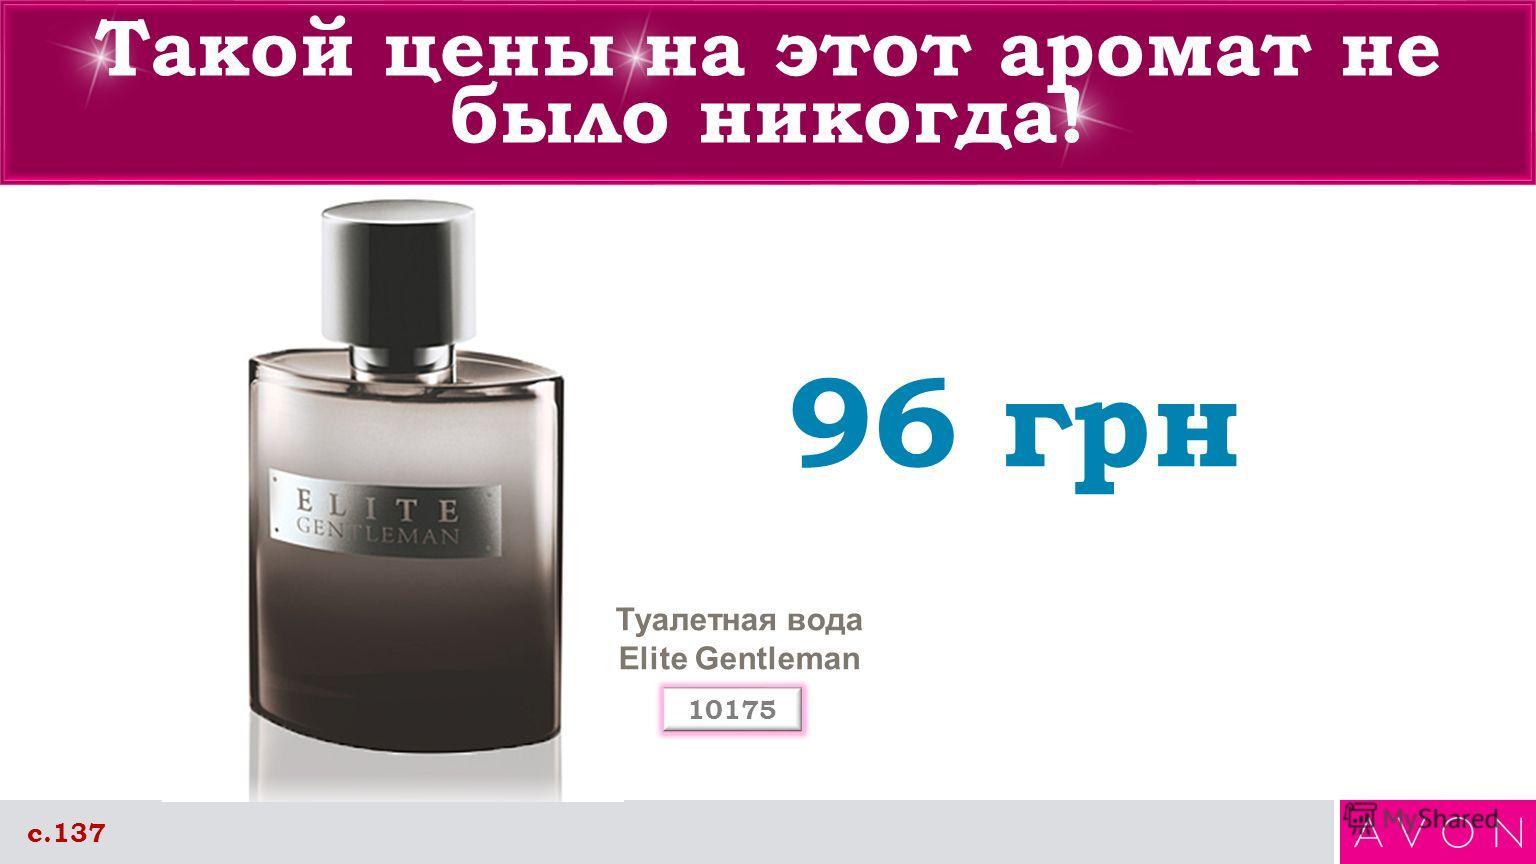 Такой цены на этот аромат не было никогда! Туалетная вода Elite Gentleman с.137 96 грн 10175